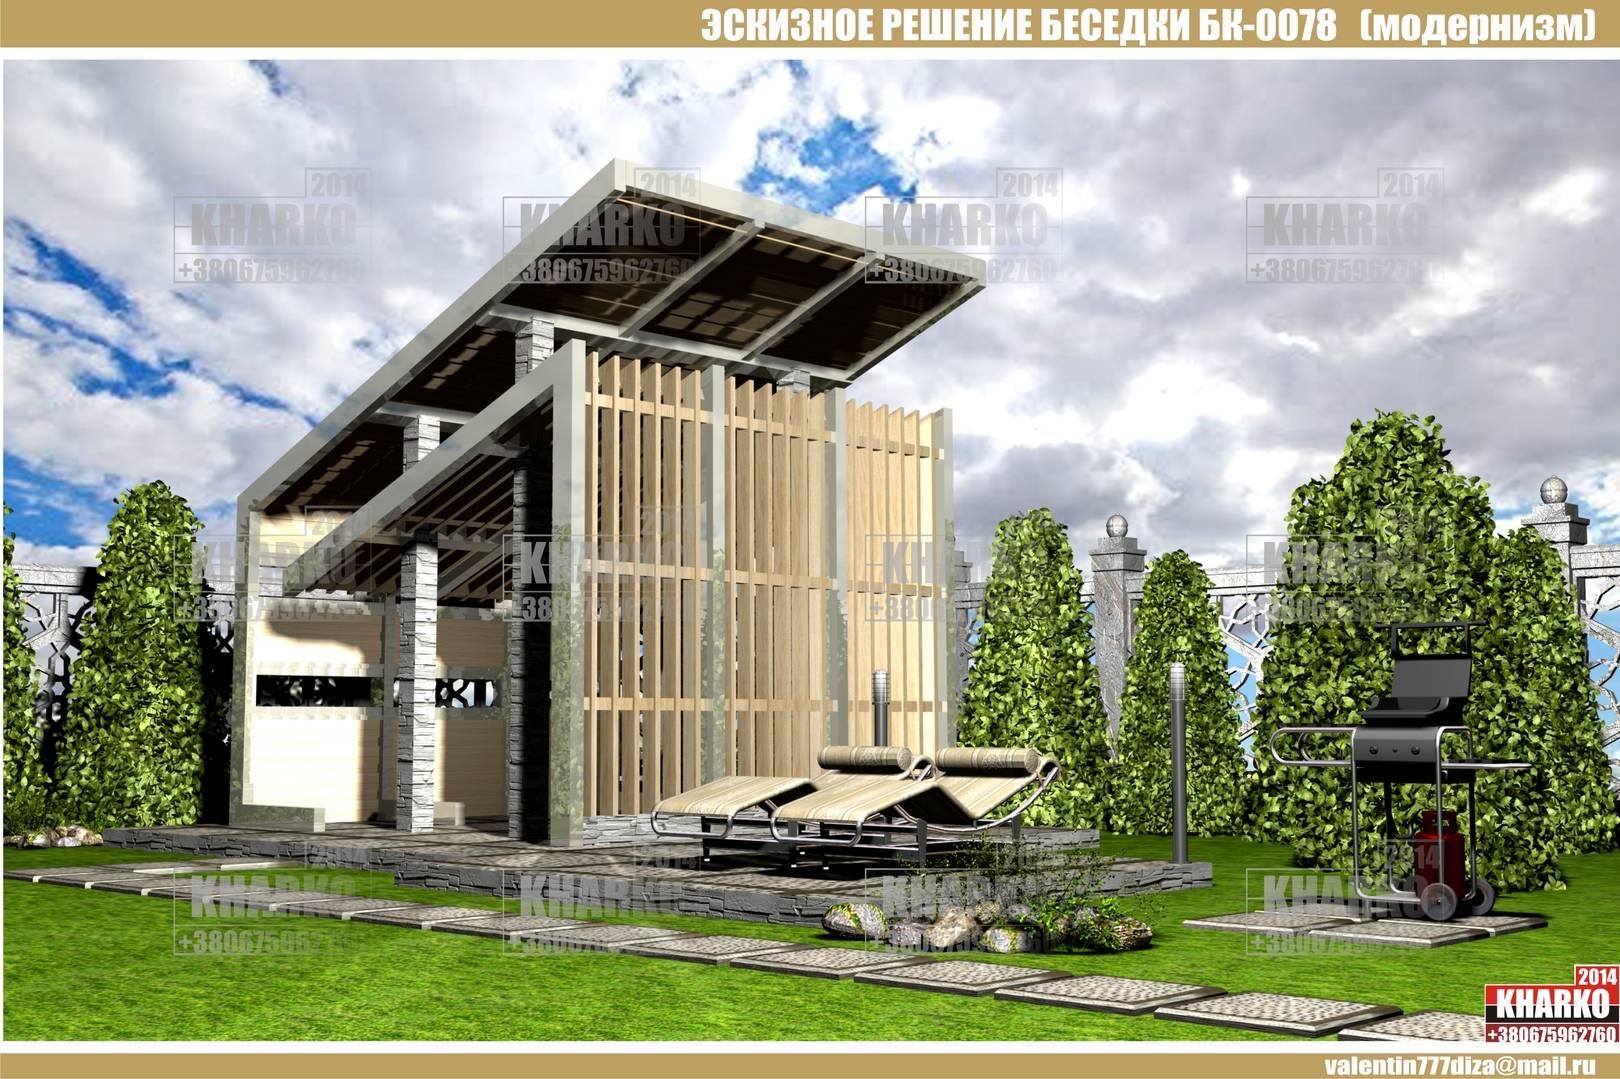 проект беседки БК-0078 (модернизм), project pergola, gazebo, shed  общая площадь беседки-20,2м. кв. эксплуатируемая площадь беседки- 18,3 м.кв. габаритные размеры -4,2 м. на 4,8 м. тип фундамента-монолитный ж/б материал наружной стены и бетон, кирпич, дерево  тип кровли-мягкая кровля Наружная отделка цоколя -декоративный камень Стоимость проекта- 2200 грн.